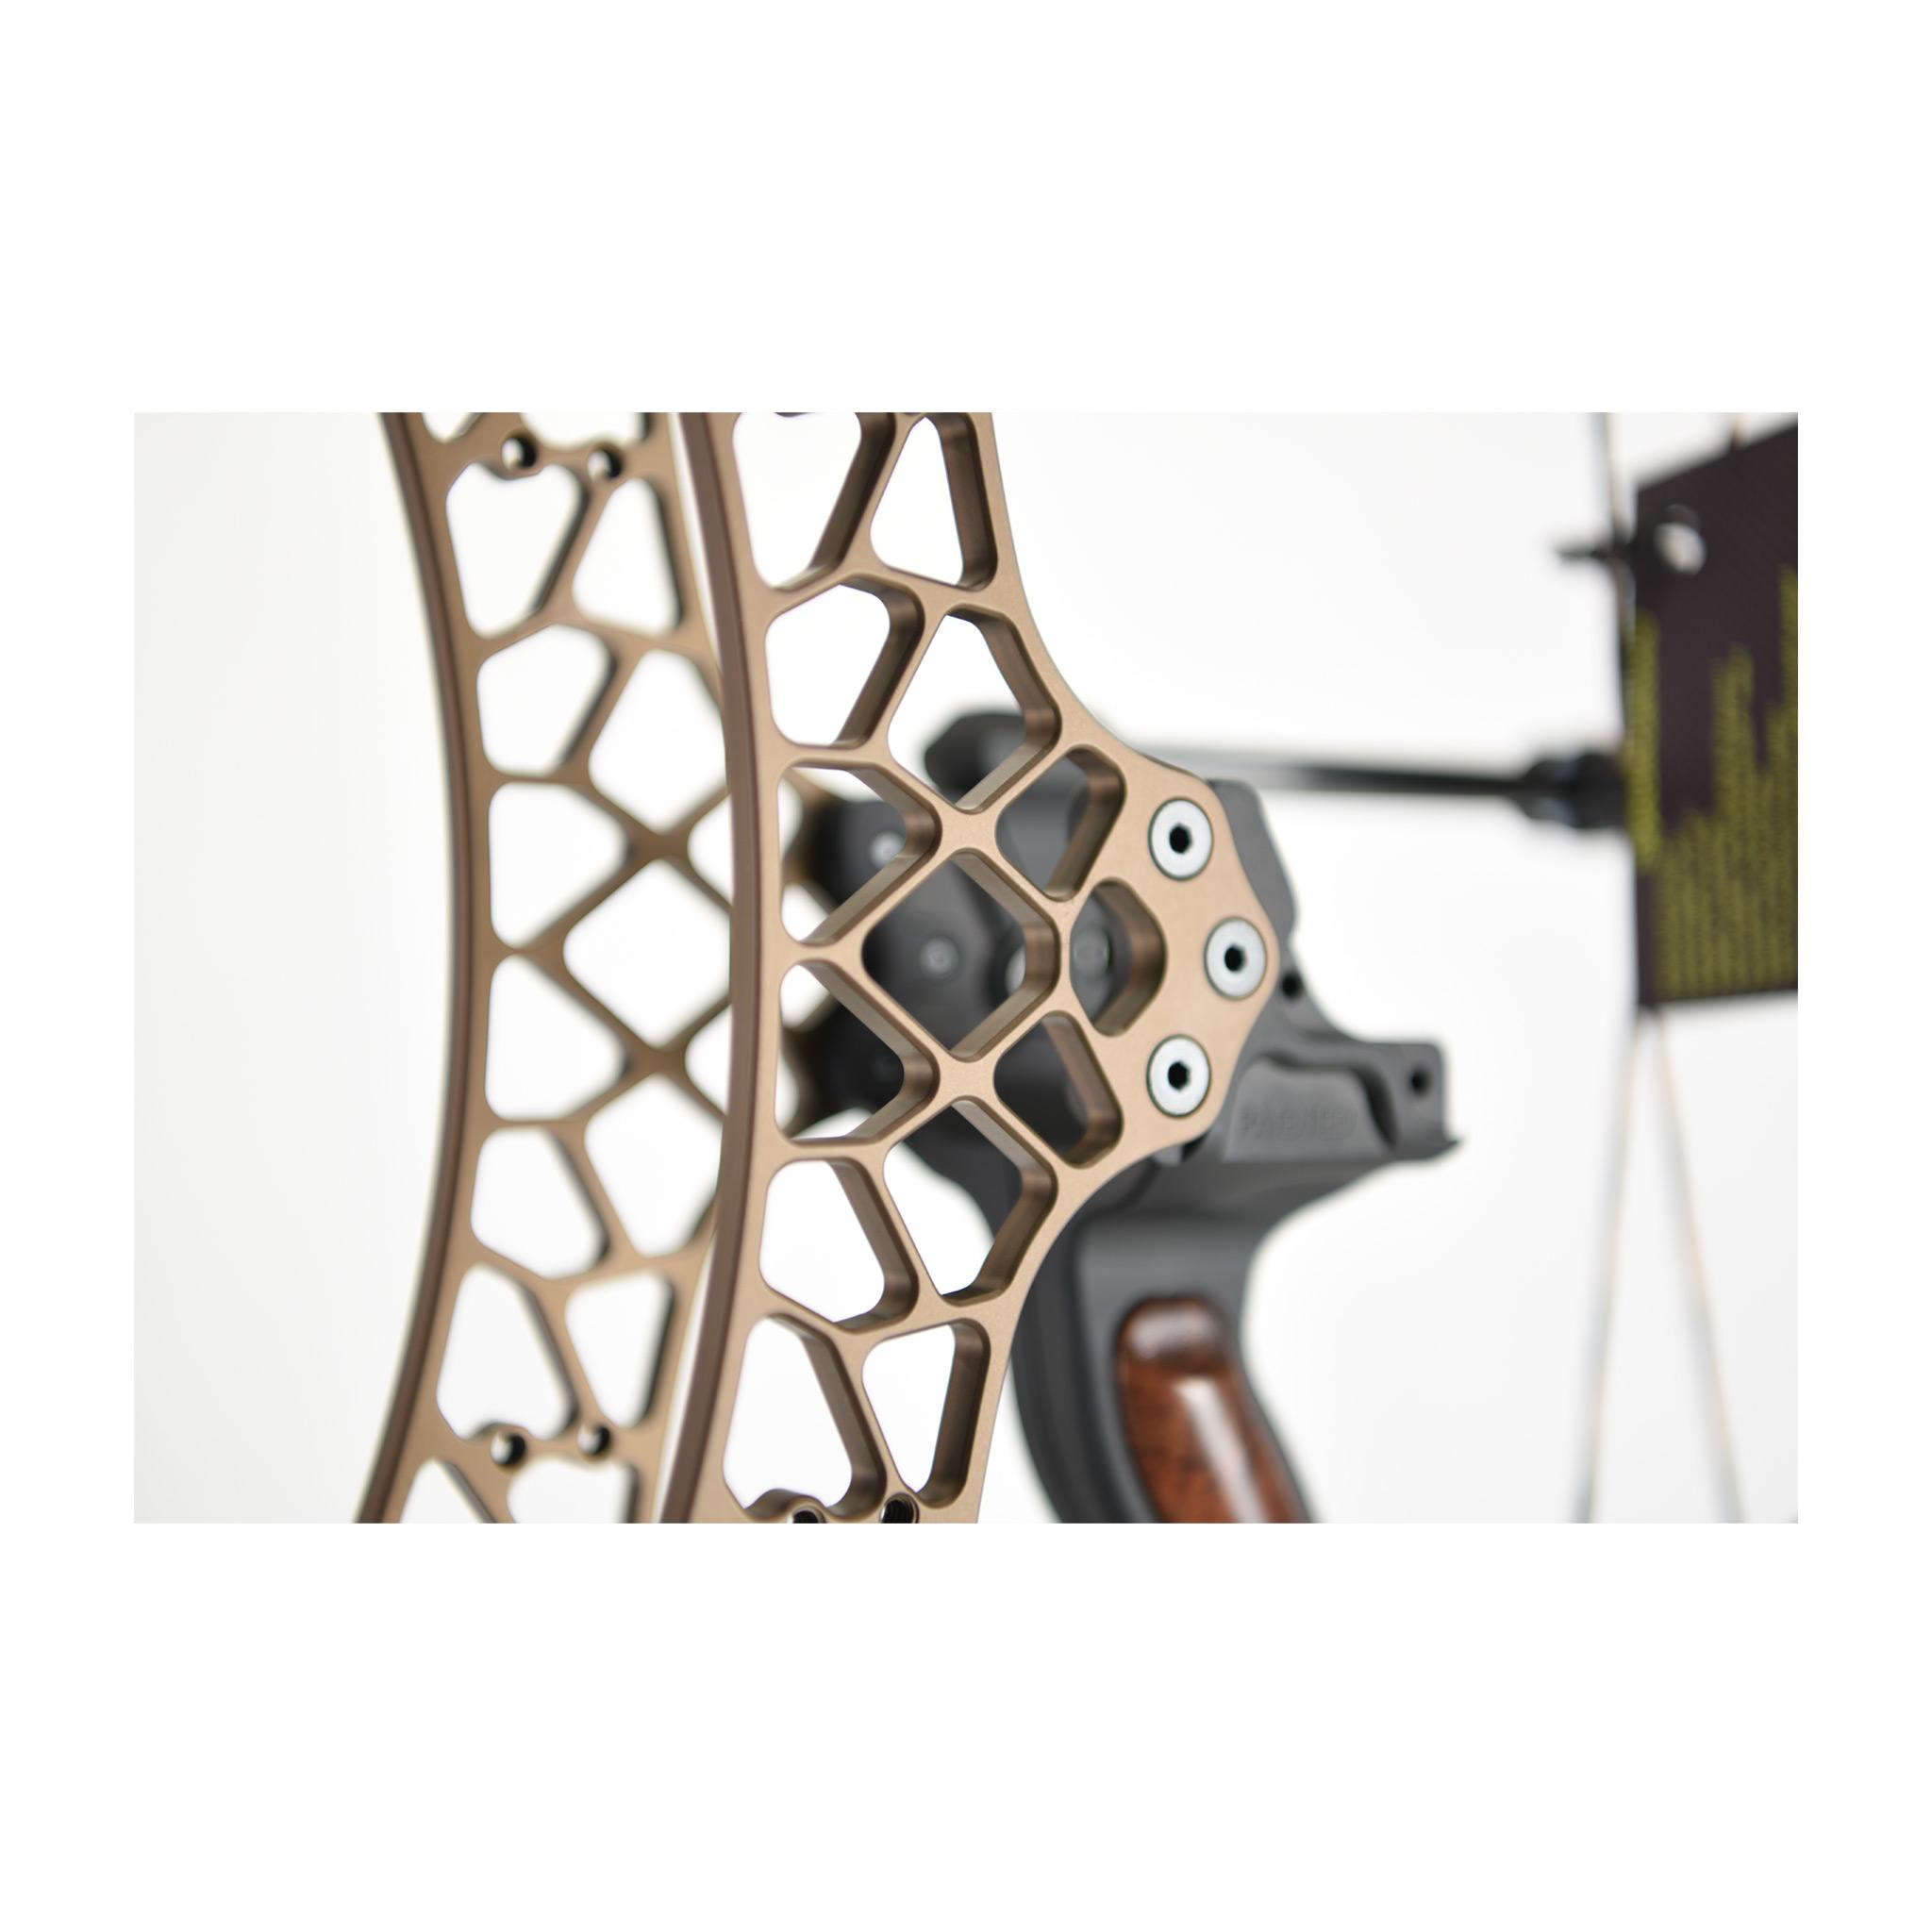 Poignée standard anodisée DESERT de la série PRO ALU de Gearhead Archery